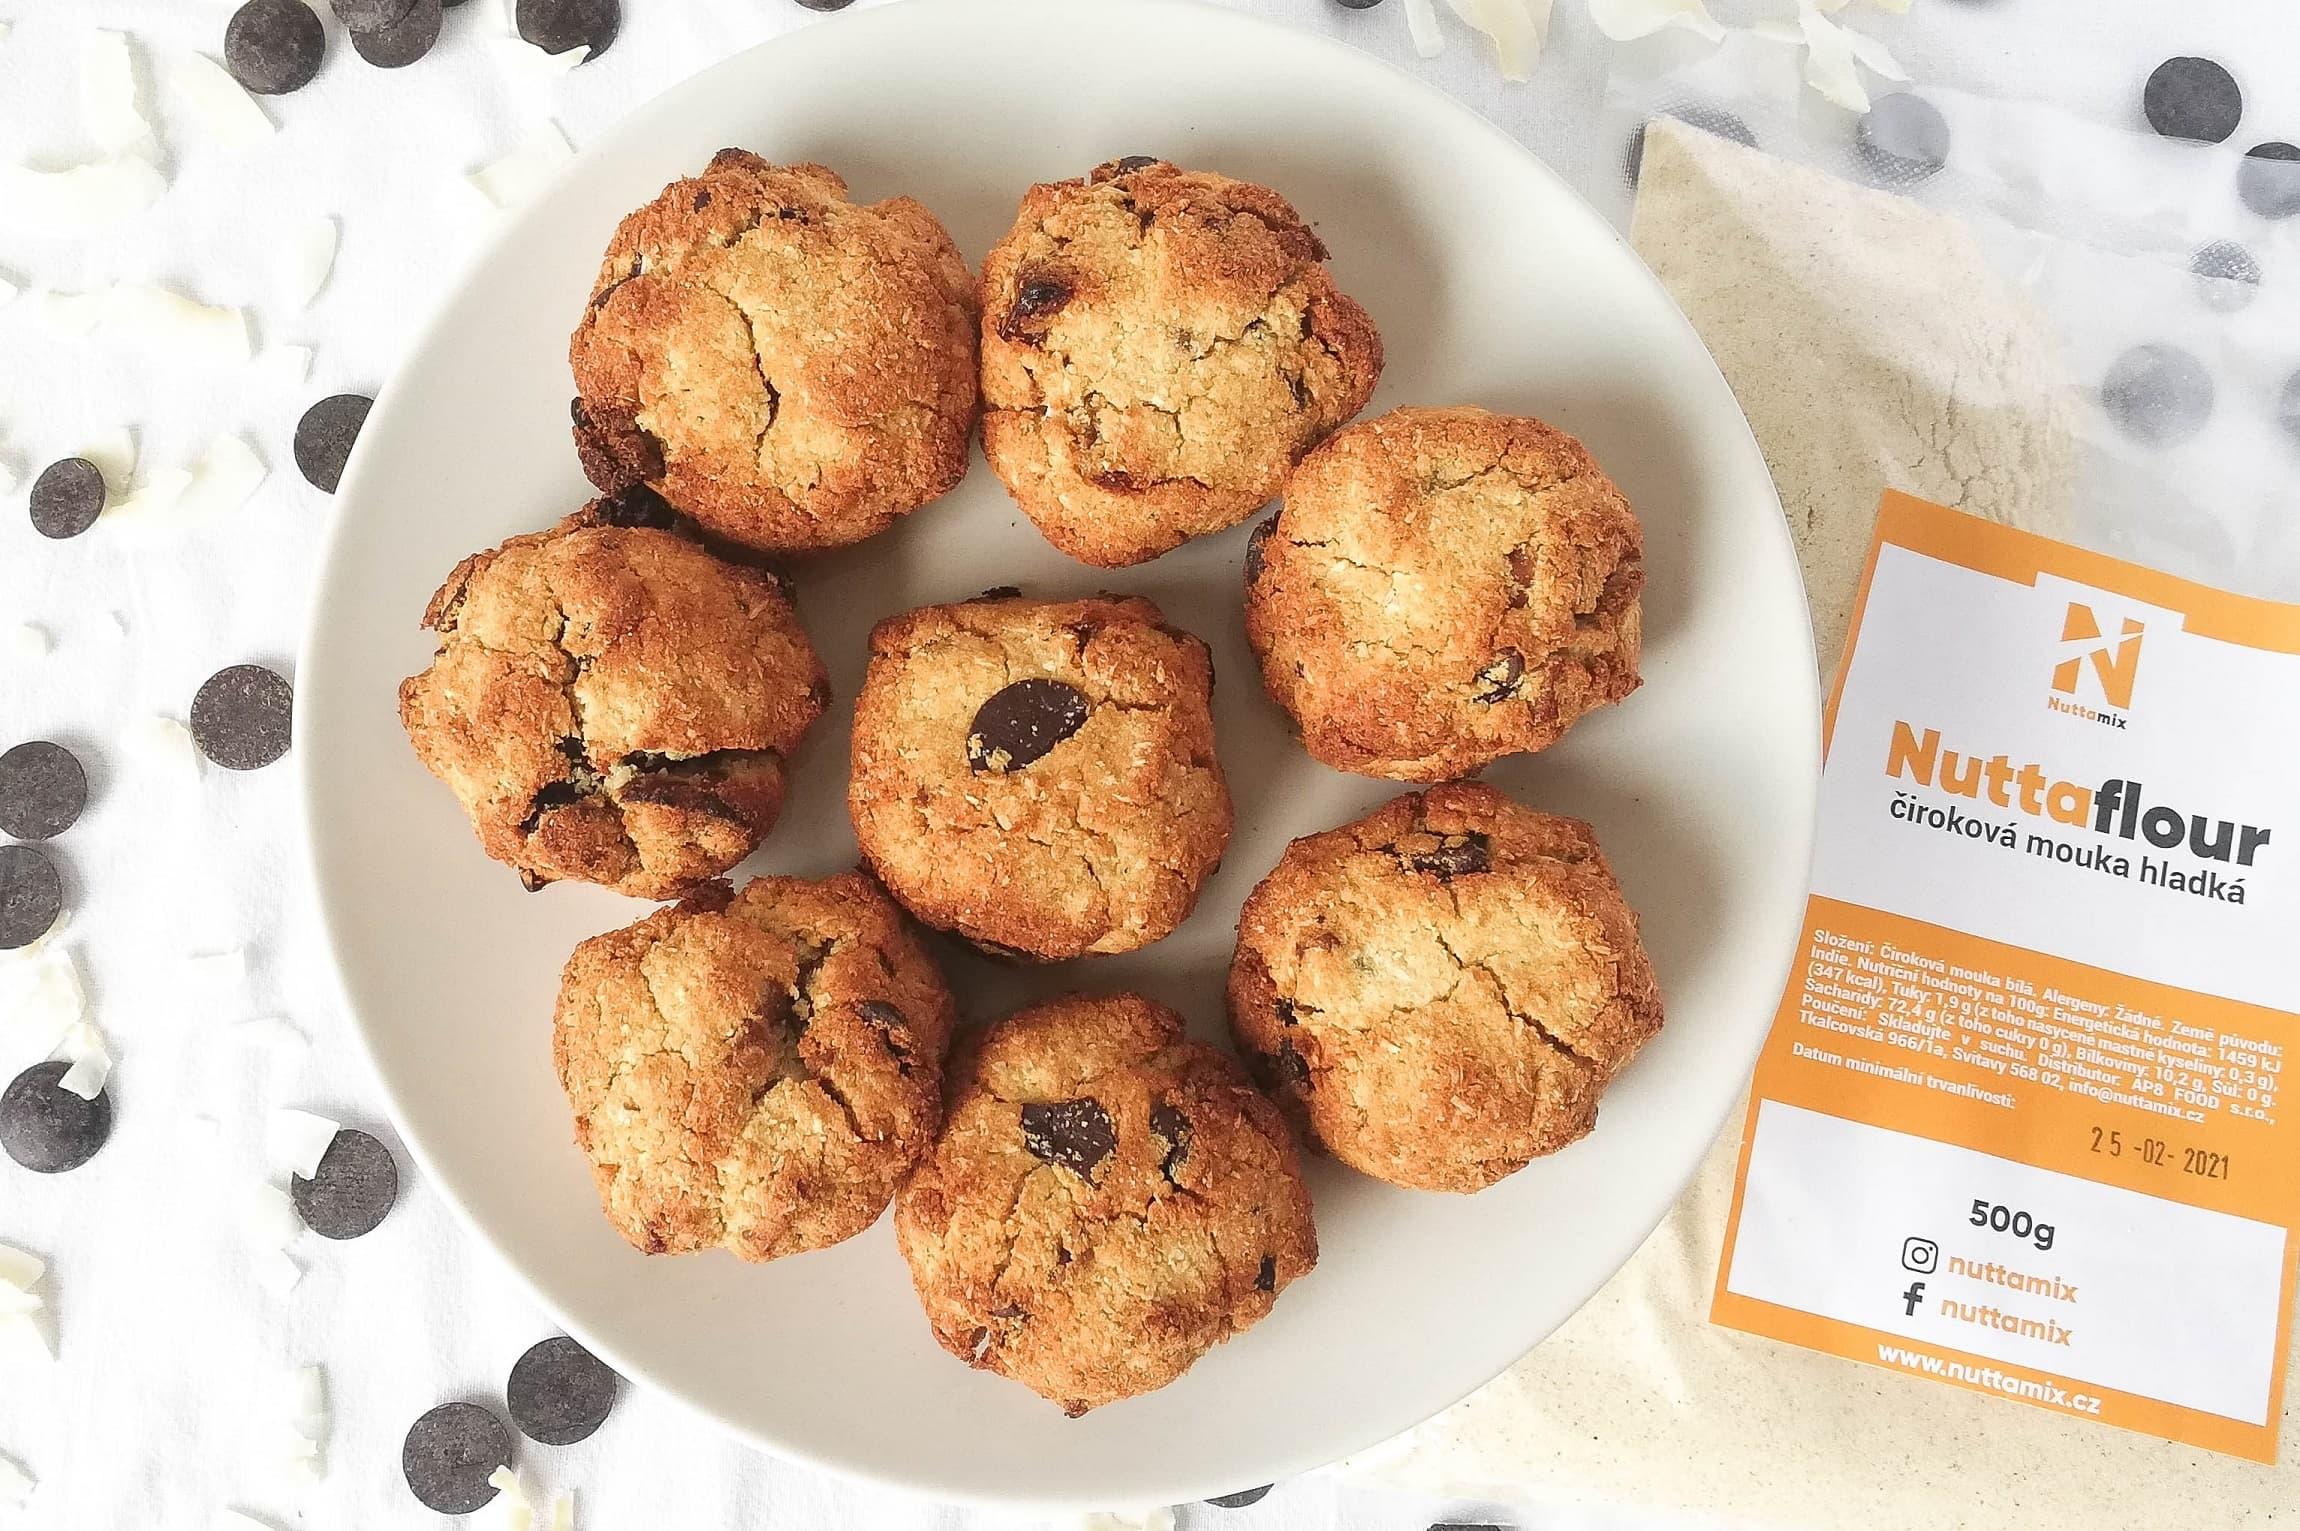 Recept: Bezlepkové zdravé sušenky z čirokové a kokosové mouky.